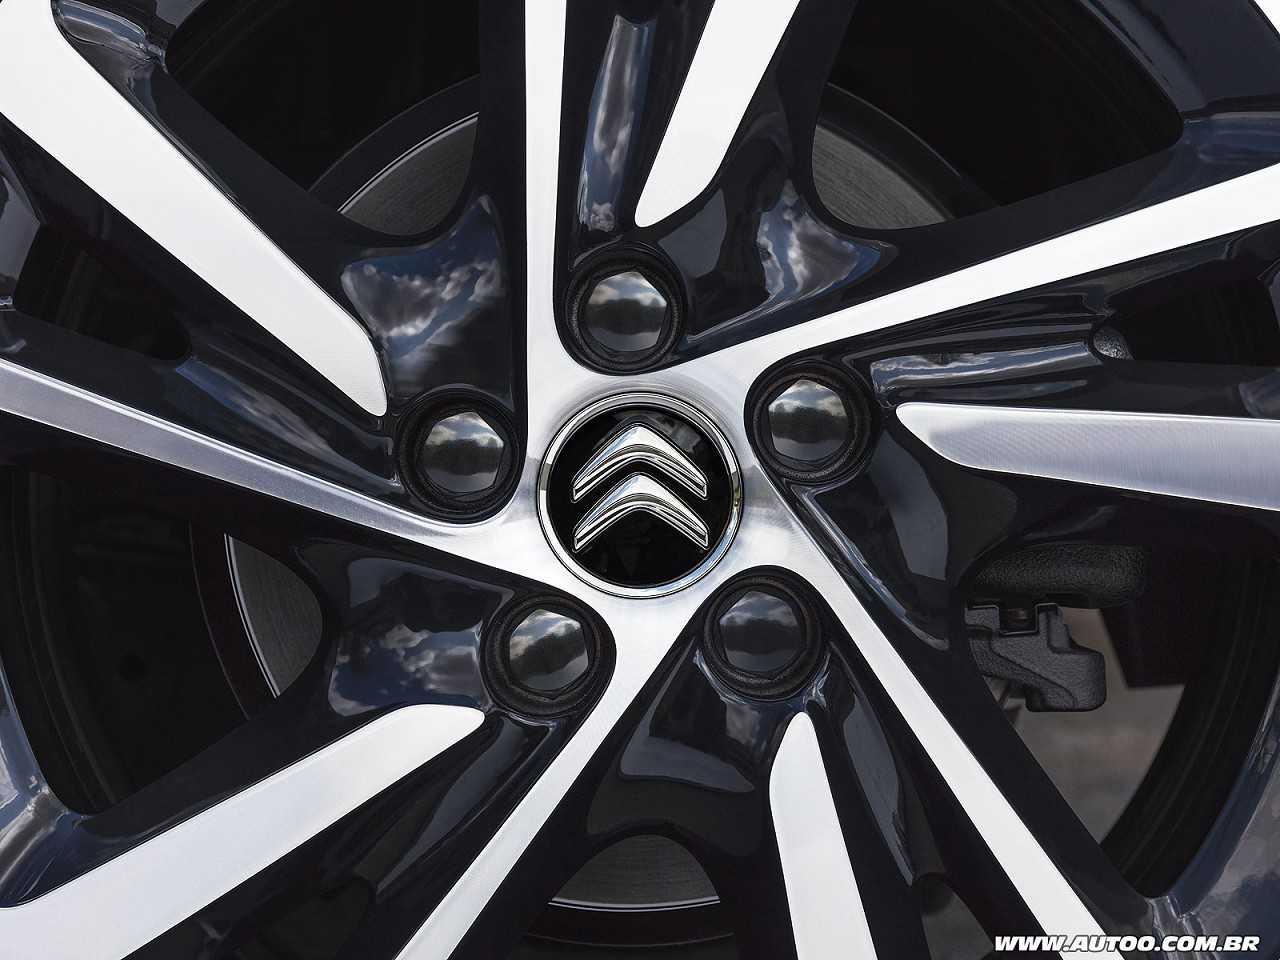 CitroënC4 Picasso 2018 - rodas